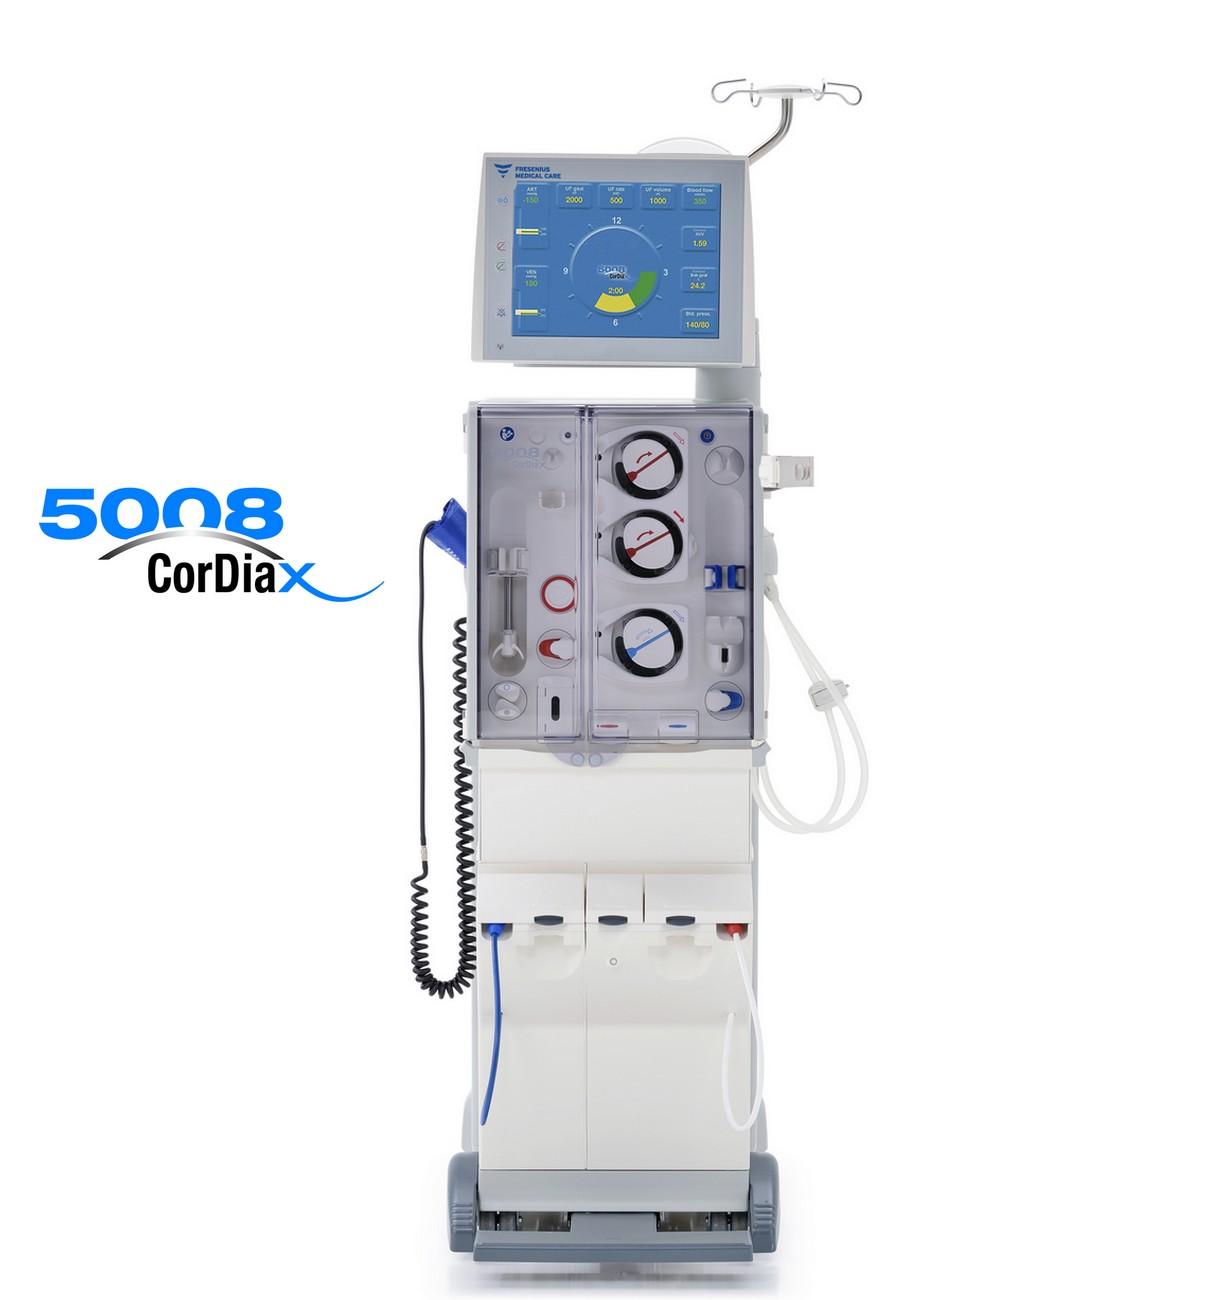 5008 cordiax 5008s cordiax fresenius medical care rh freseniusmedicalcare ae fresenius 5008 dialysis machine manual pdf fresenius 5008 dialysis machine operator manual